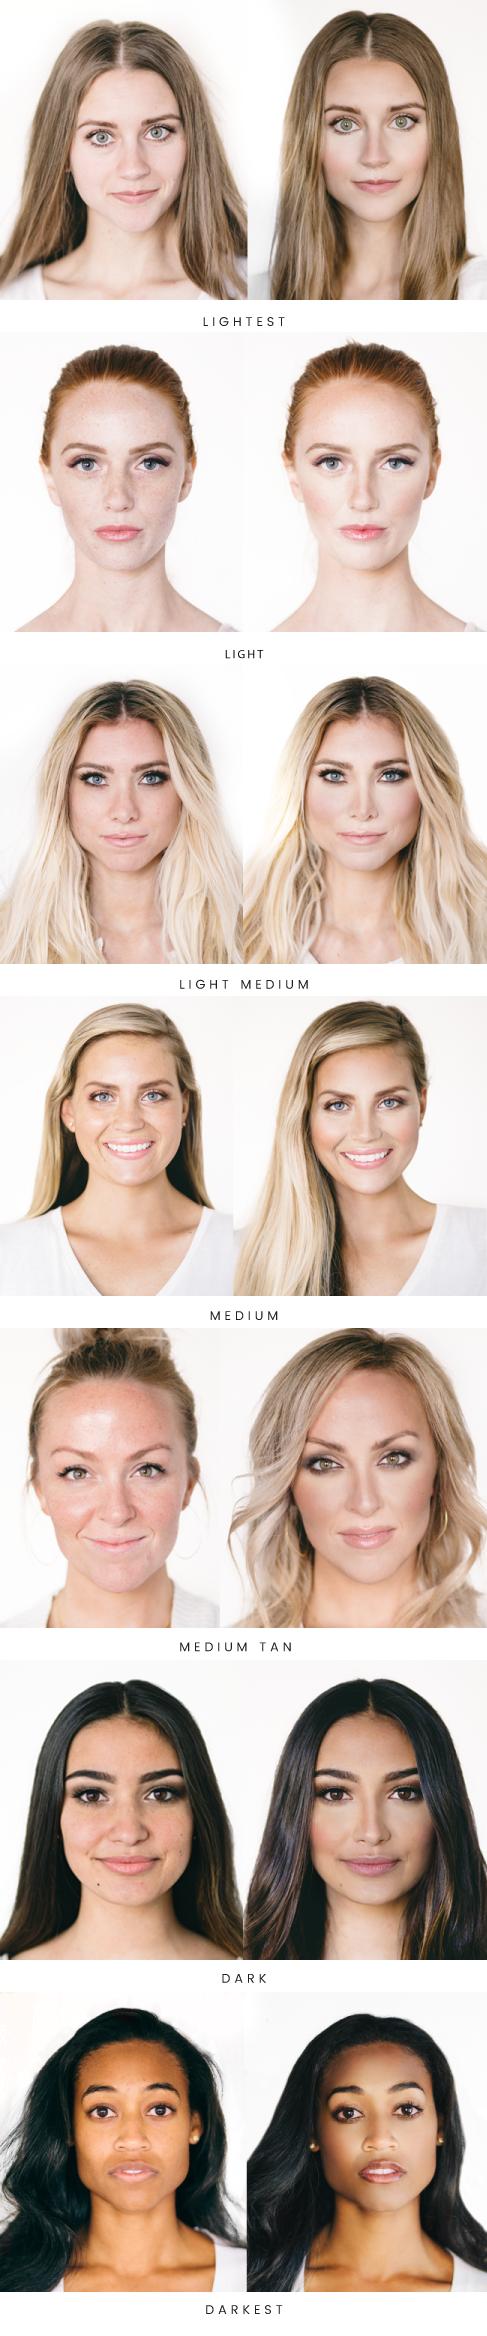 Maskcara Shade Examples